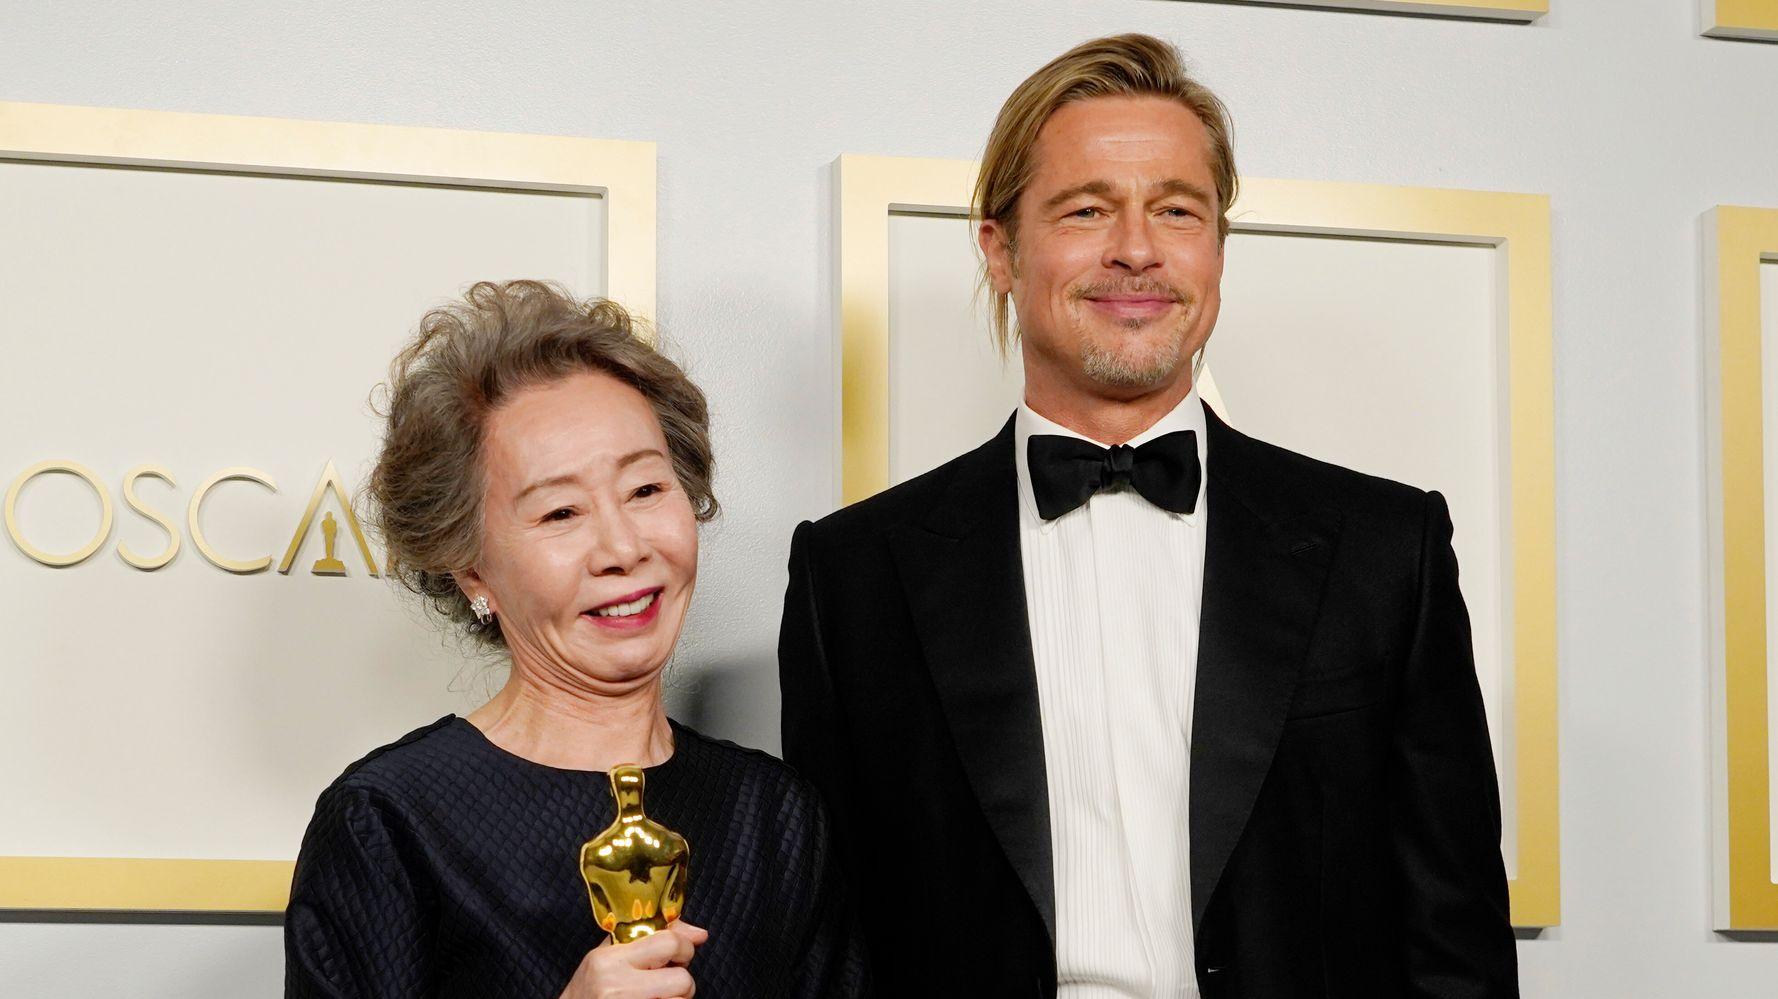 Oscars 2021 : Quand Brad Pitt se fait draguer sur scène par une comédienne !